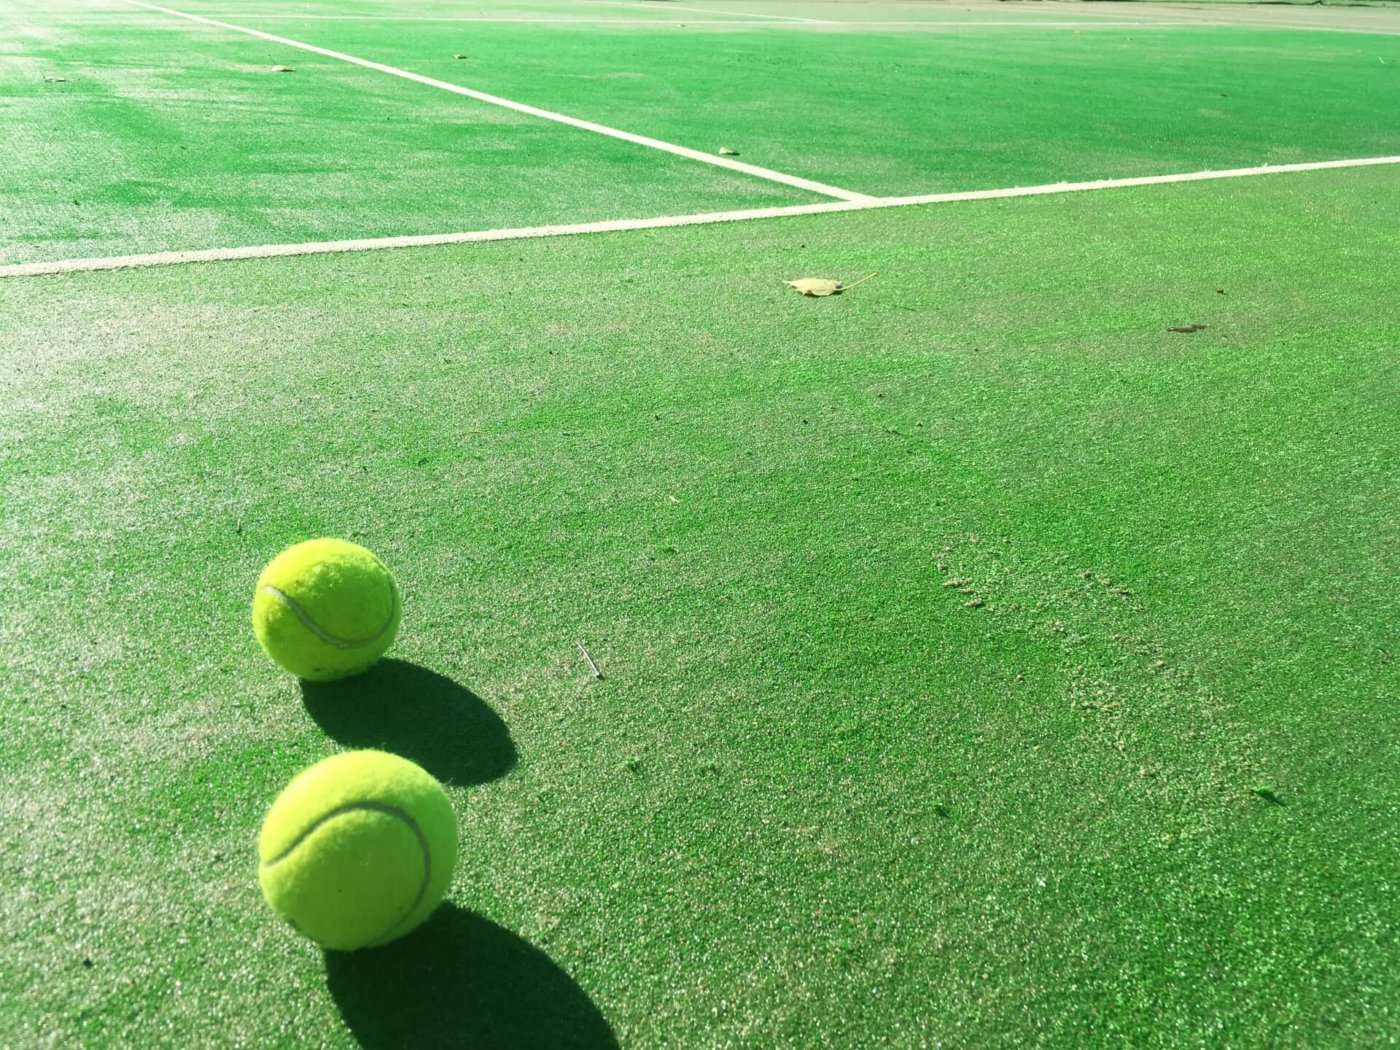 よく聞くけど・・テニスのウィンブルドンって?